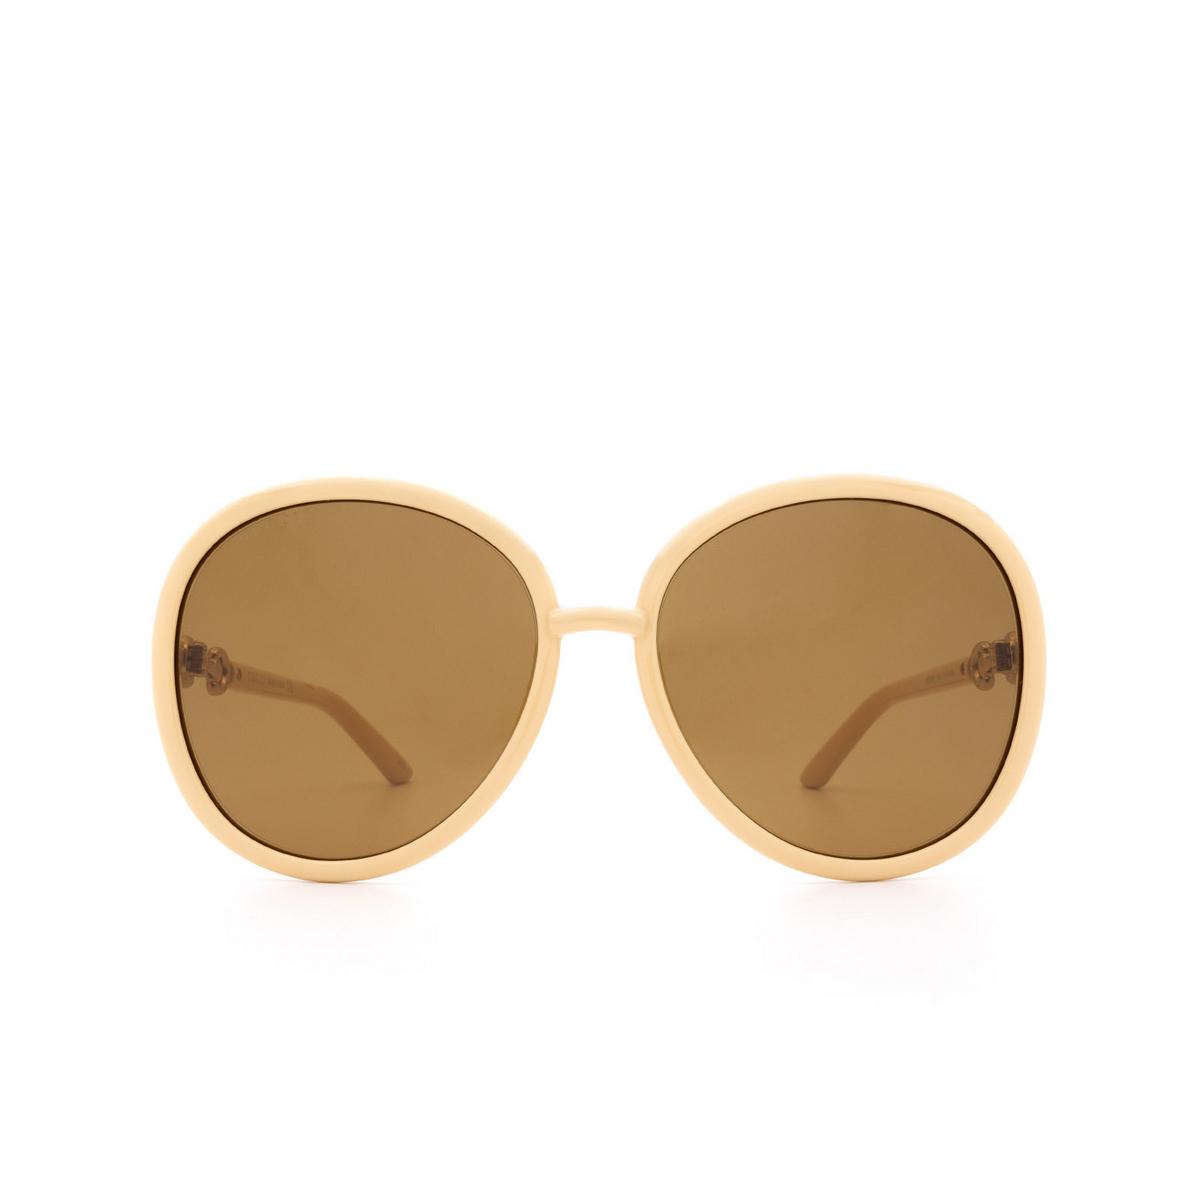 Gucci® Round Sunglasses: GG0889S color Beige 004 - 1/3.